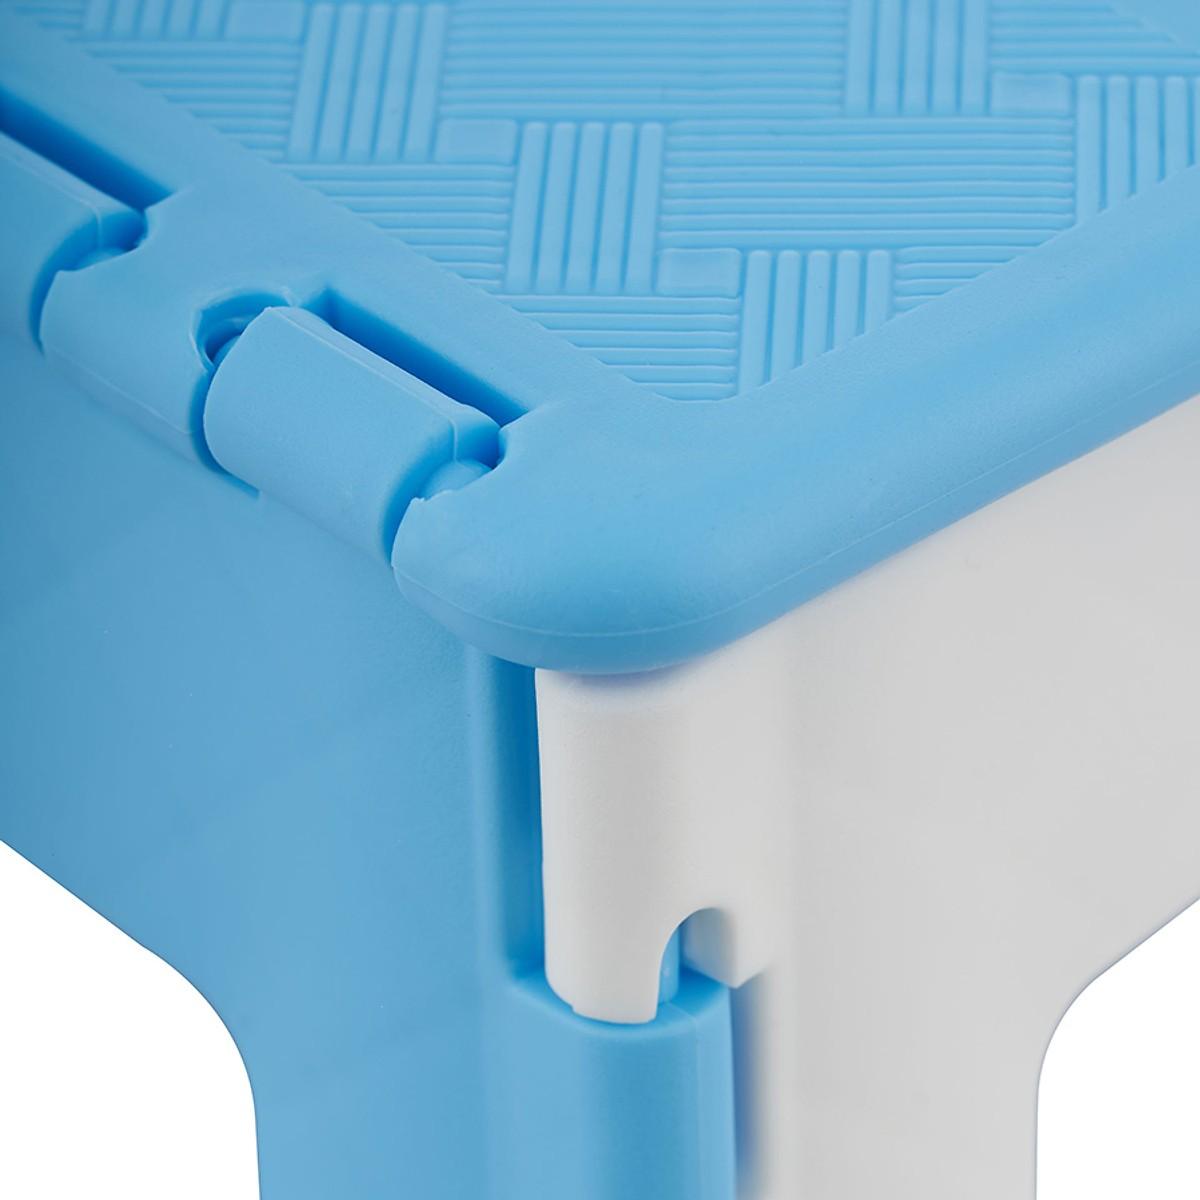 Ghế Mini Xếp Duy Tân No.945 (22 x 18.3 x 16.4 cm) Giao màu ngẫu nhiên